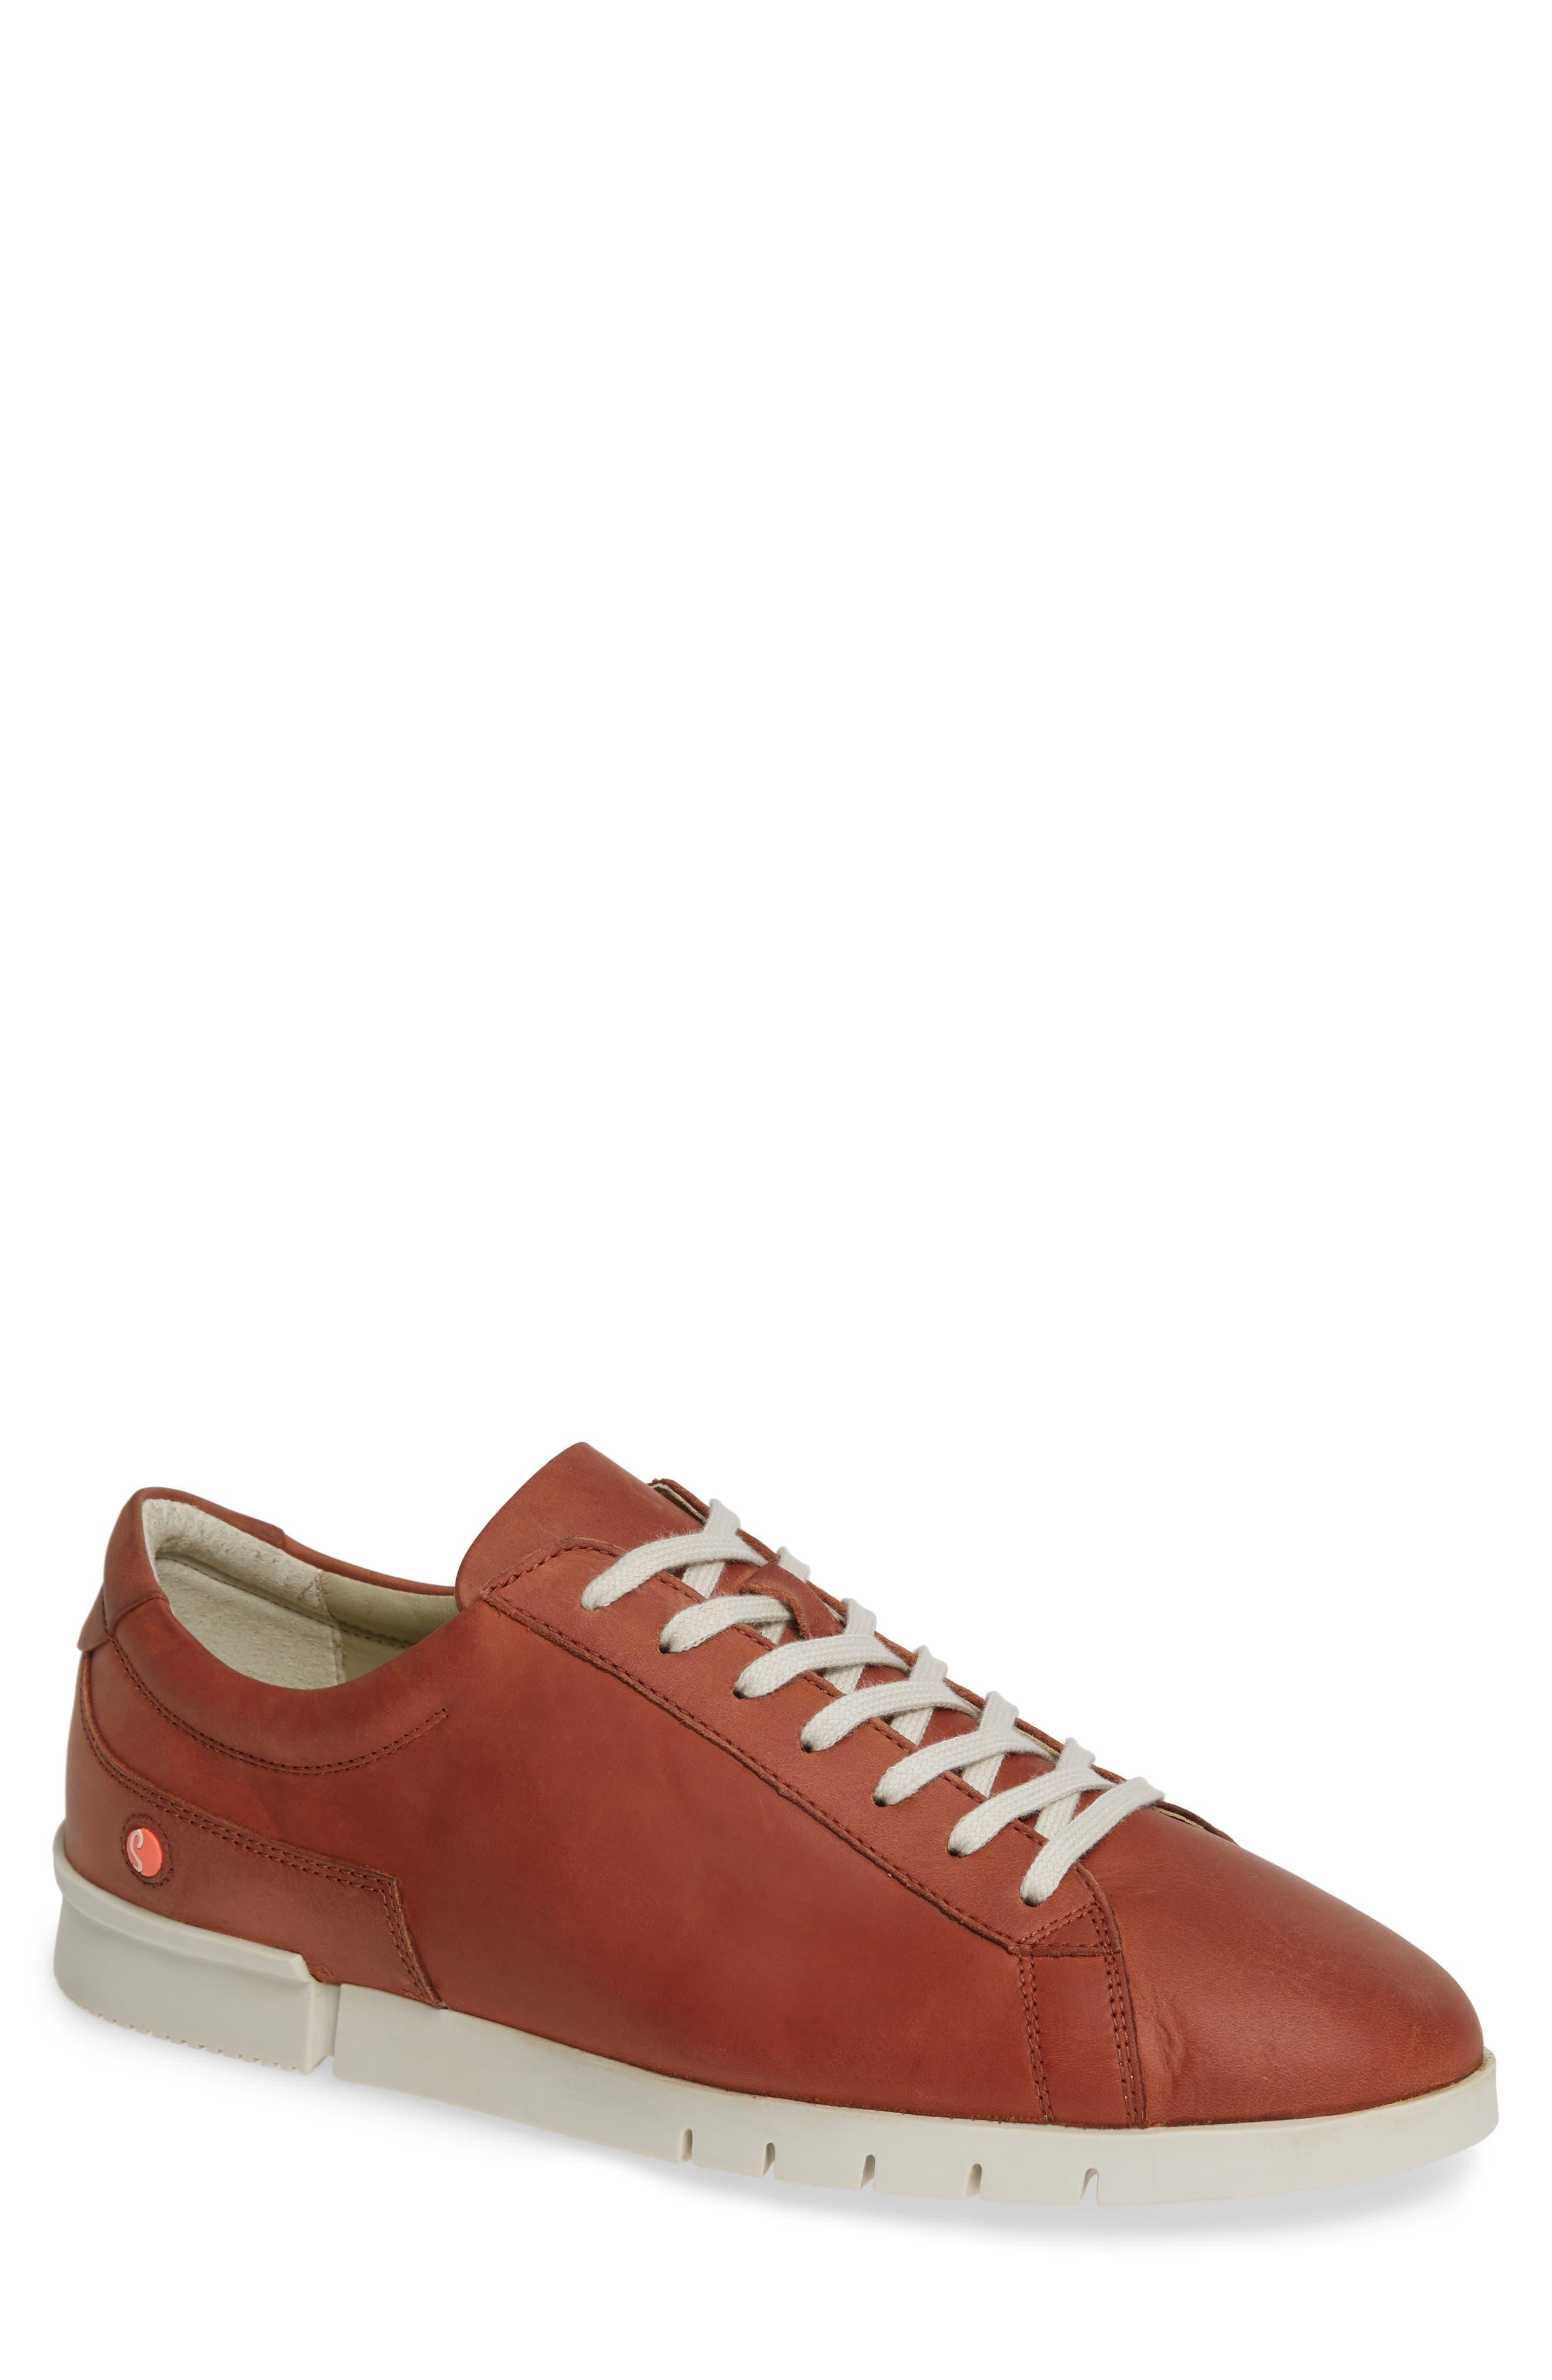 Cer Low-Top Sneaker,                             Main thumbnail 1, color,                             COGNAC CORGI LEATHER